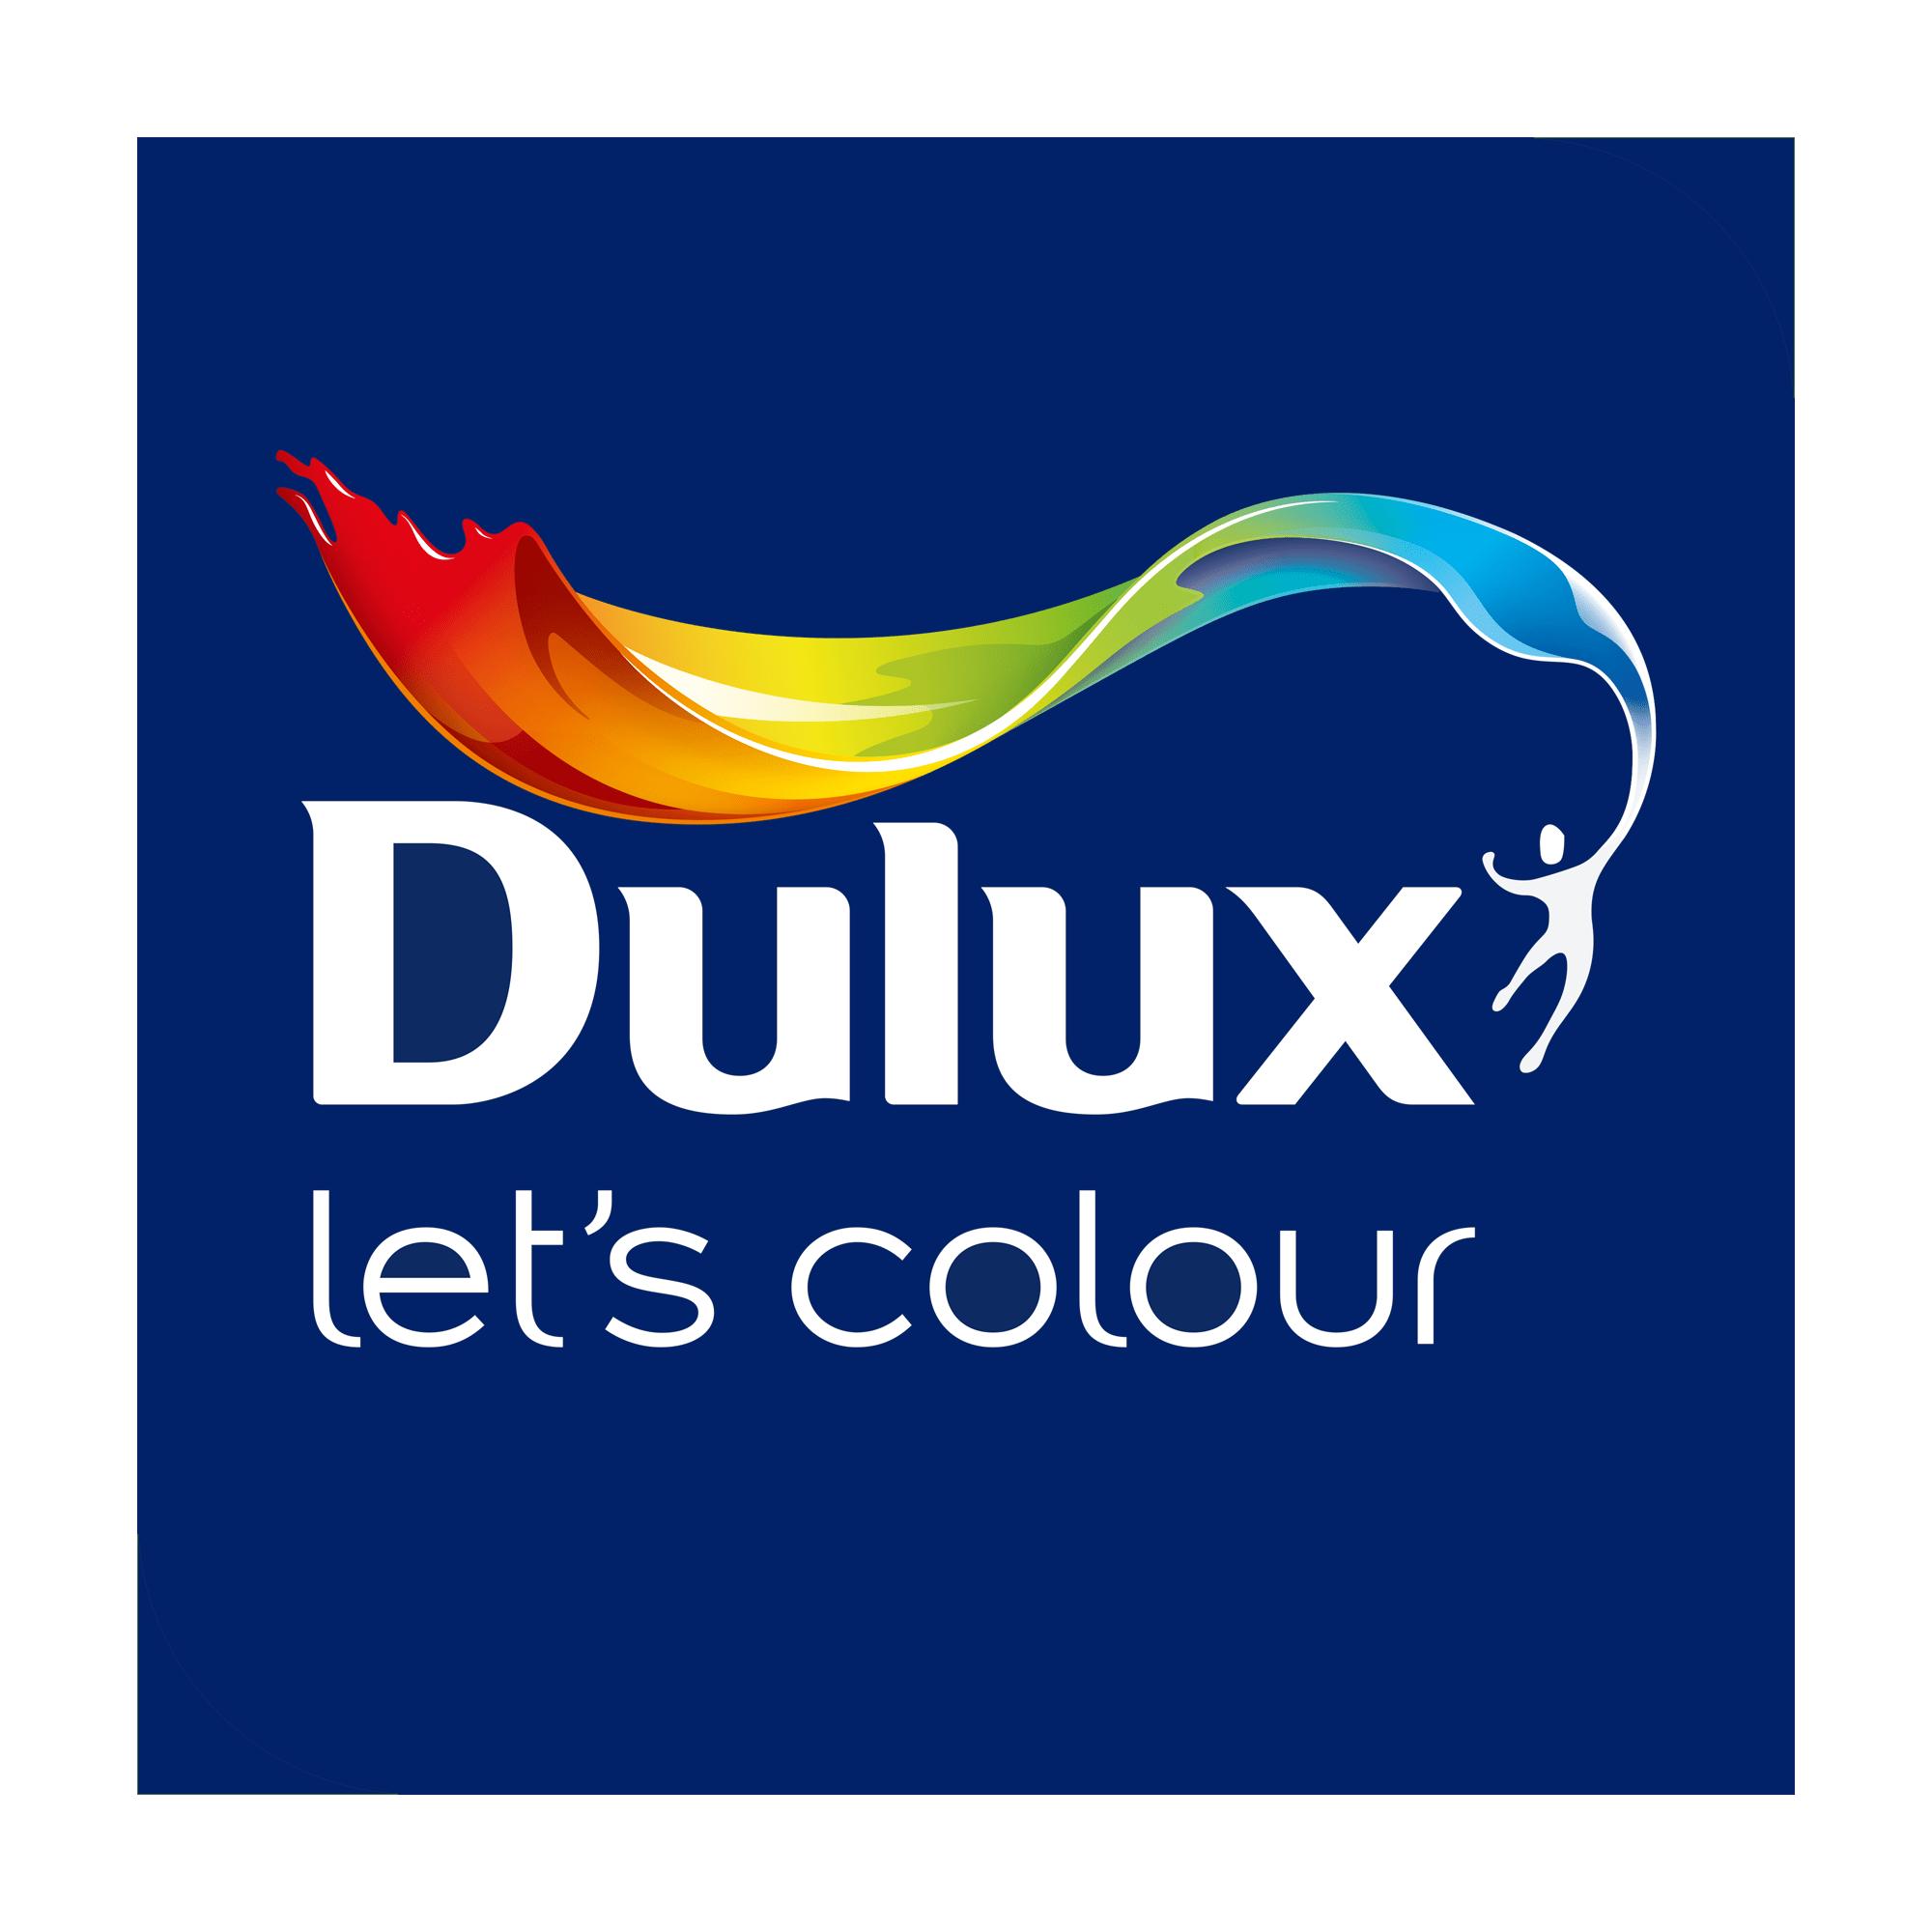 DULUX_letscolour_45mm+